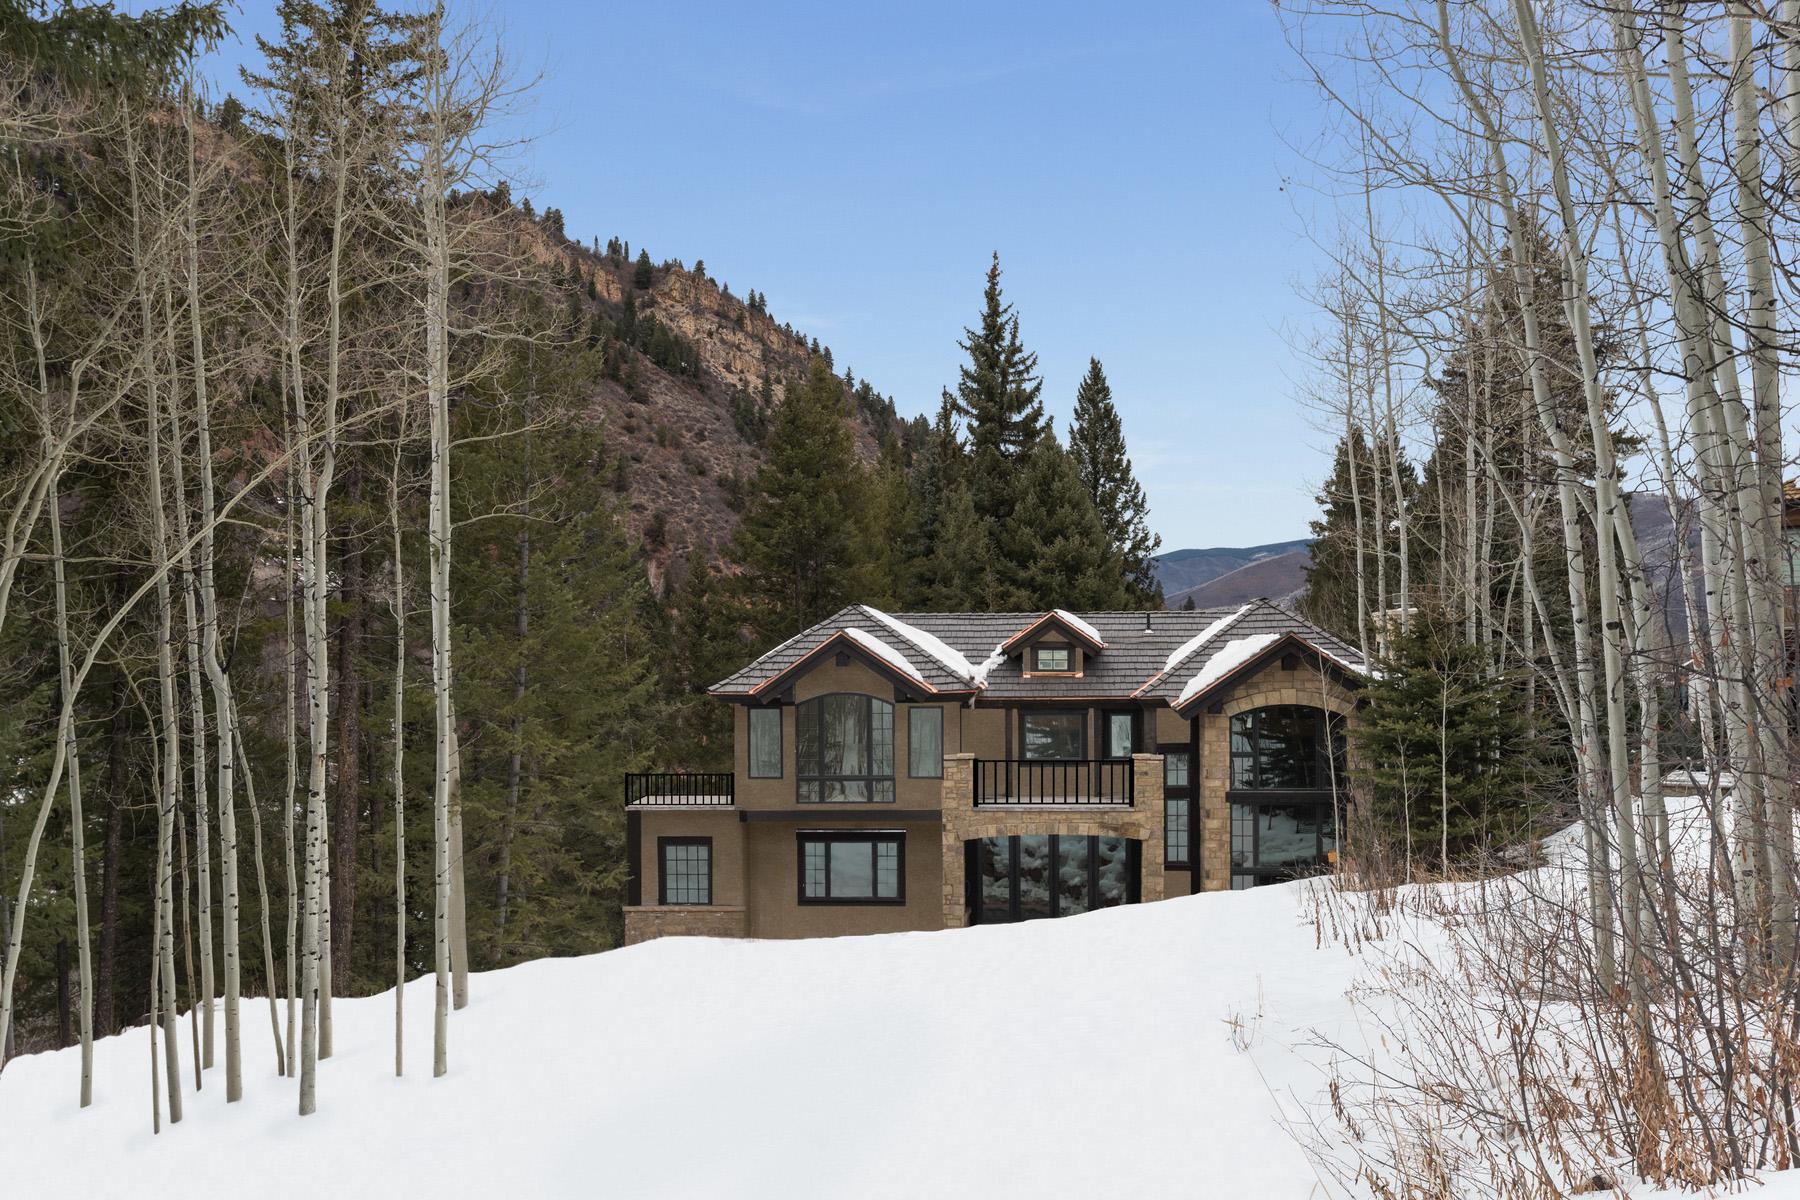 Частный односемейный дом для того Продажа на Brand New Mountain Modern Ski Home 235 Exhibition Lane Aspen, Колорадо 81611 Соединенные Штаты